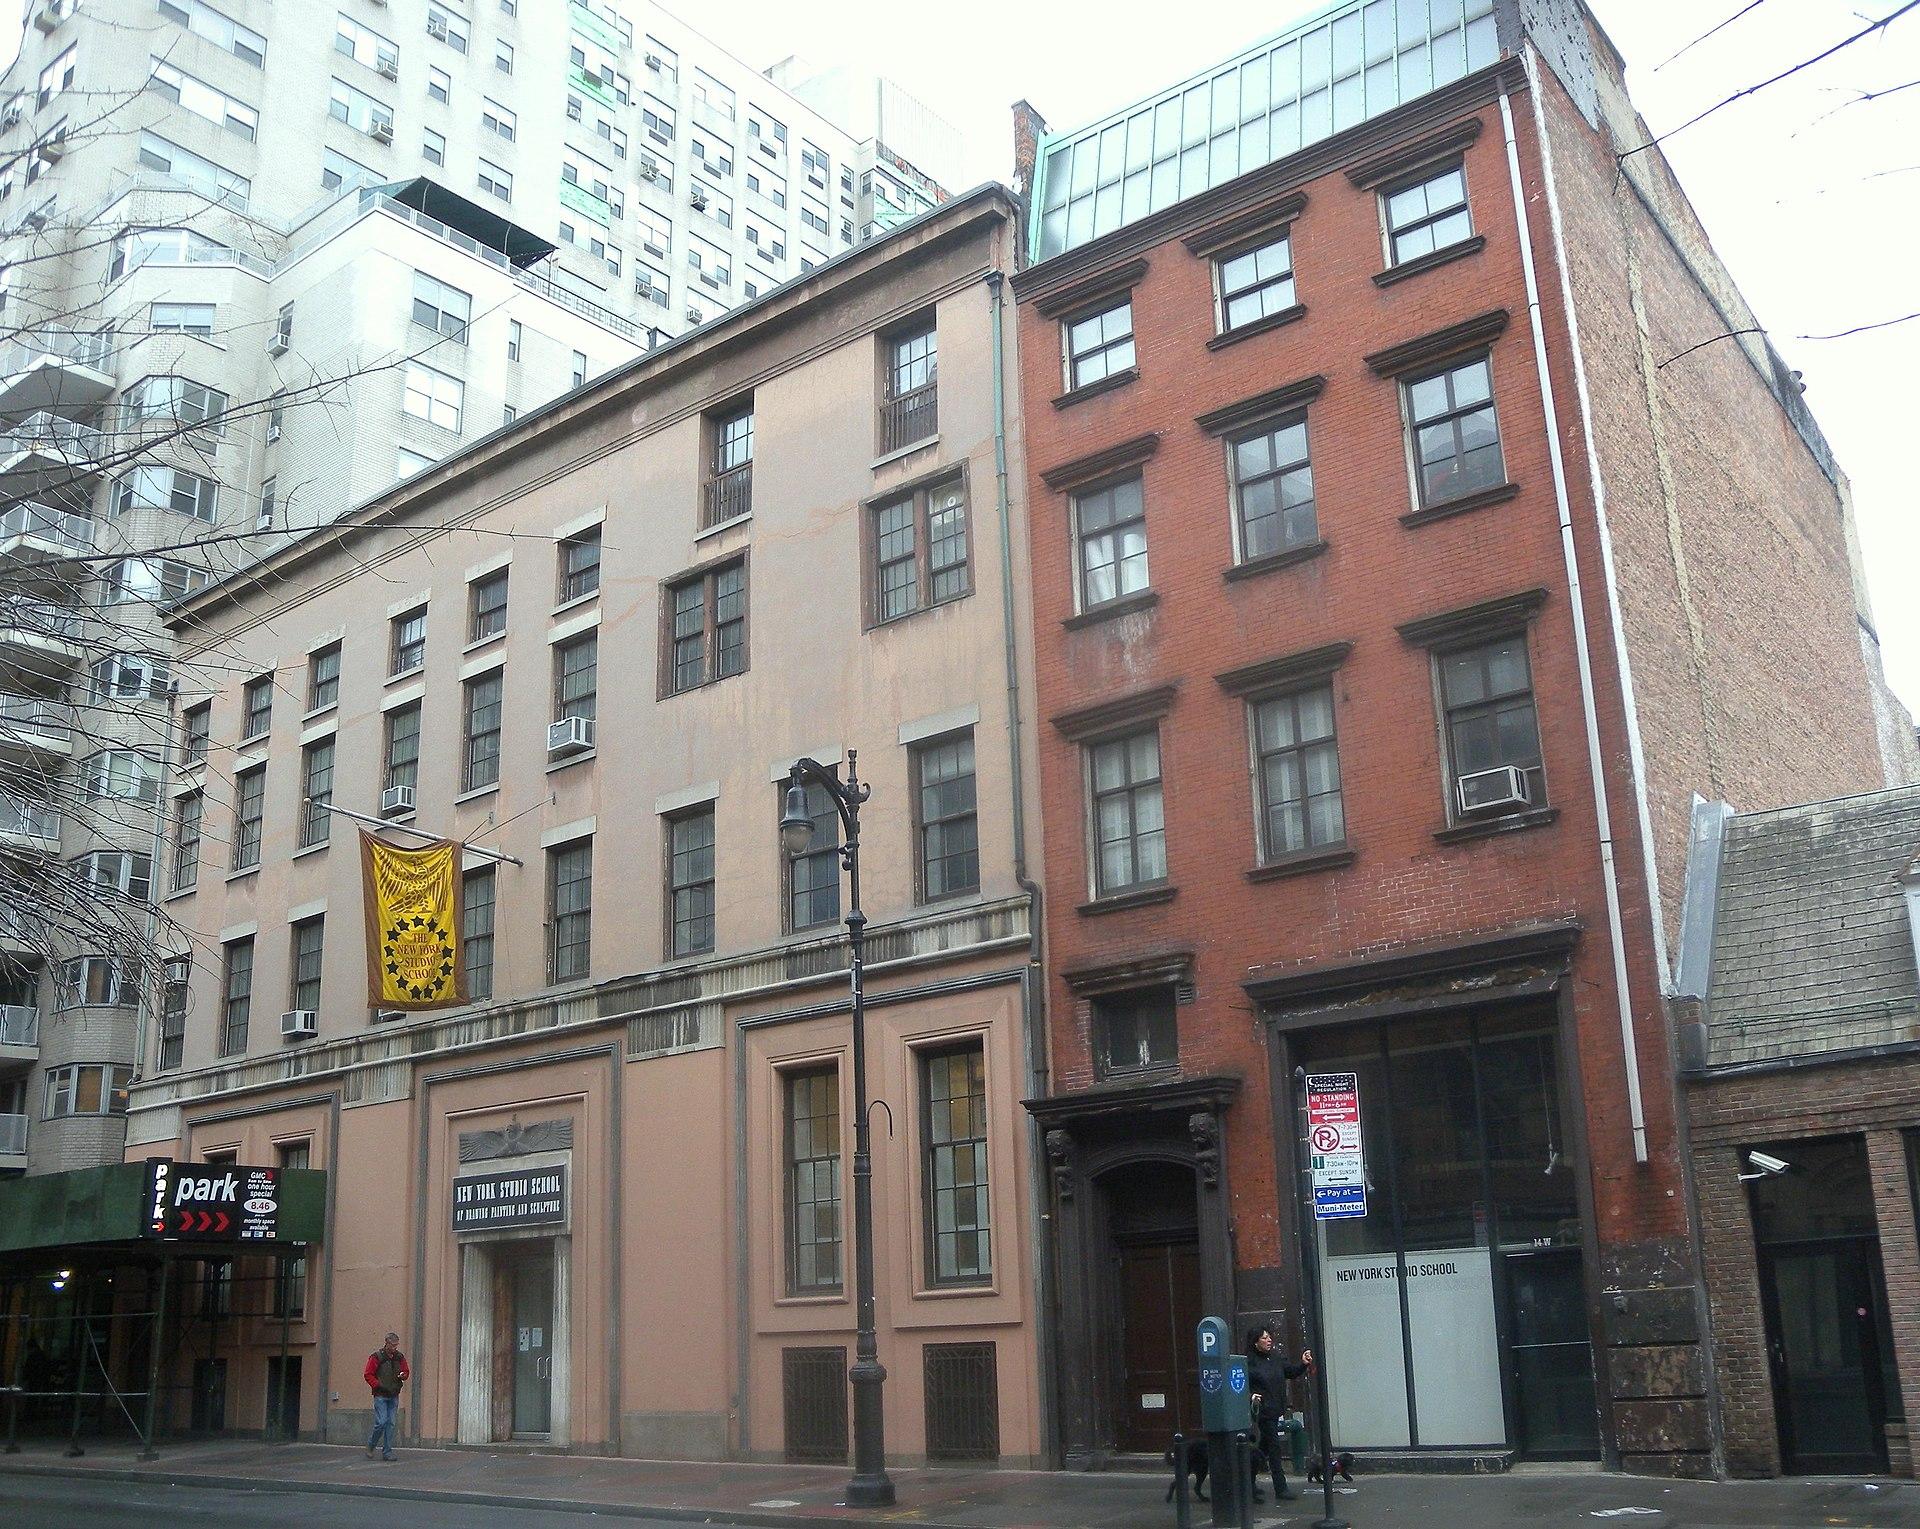 Nyc Studio Apartments Under